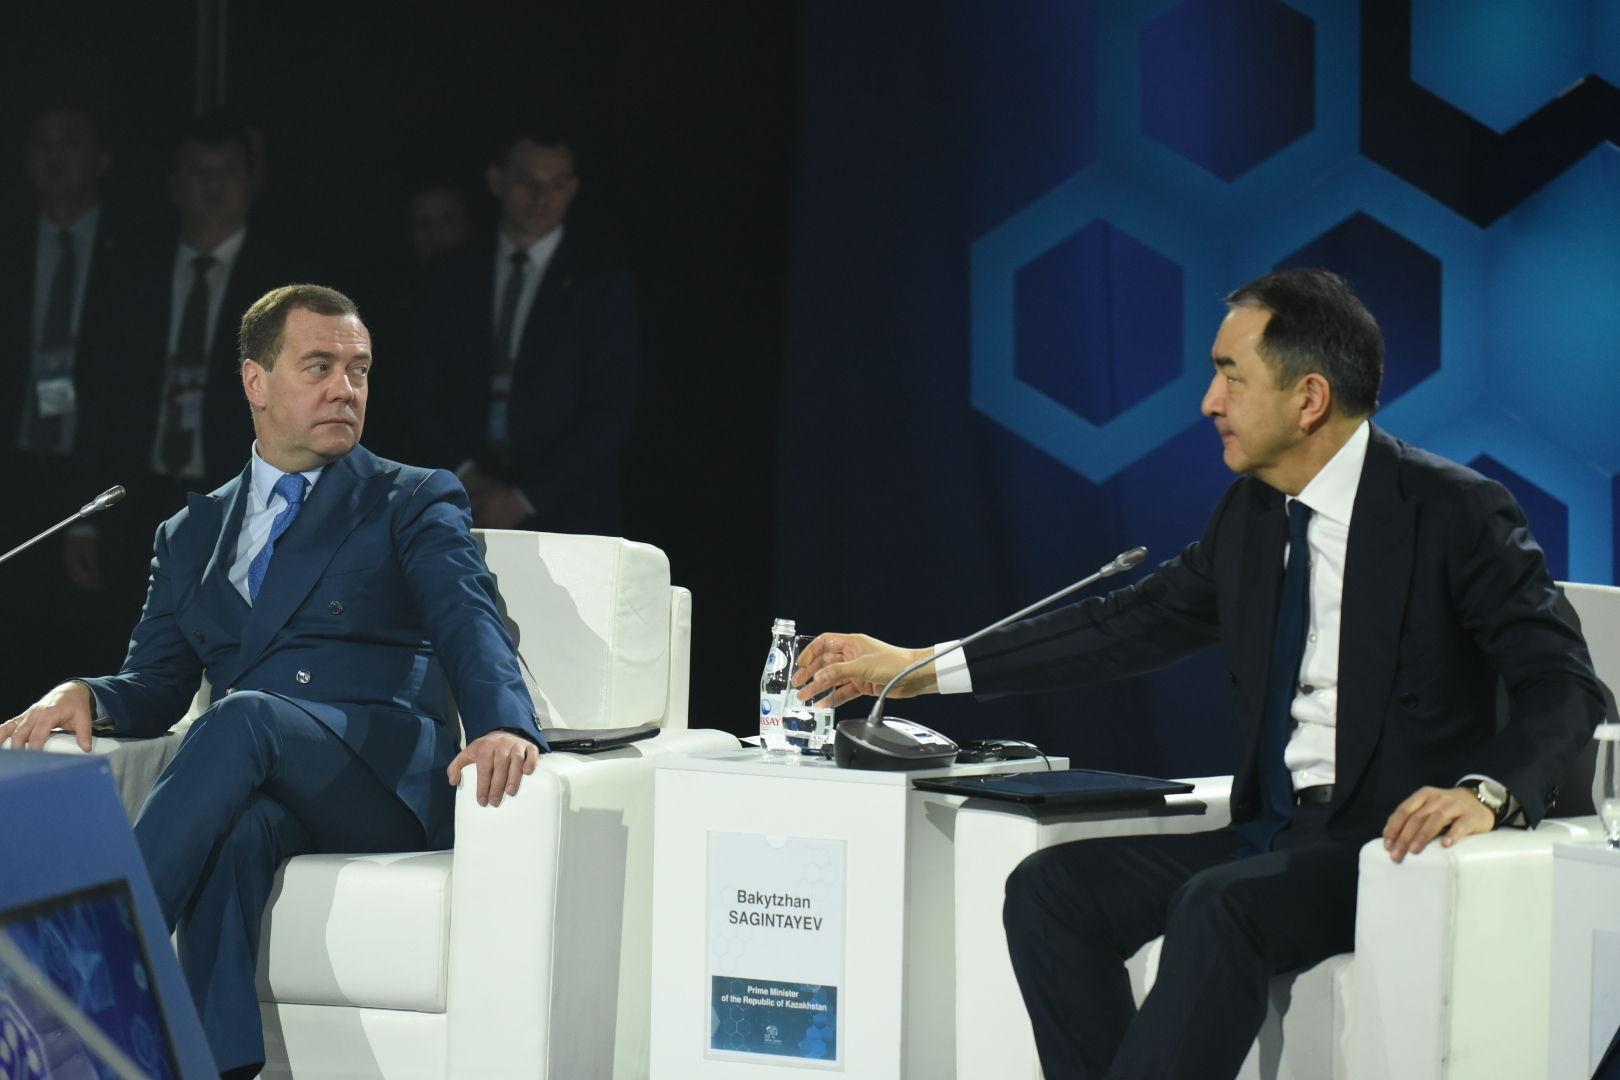 Премьер-министр Казахстана Бакытжан Сагинтаев и председатель правительства Российской Федерации Дмитрий Медведев